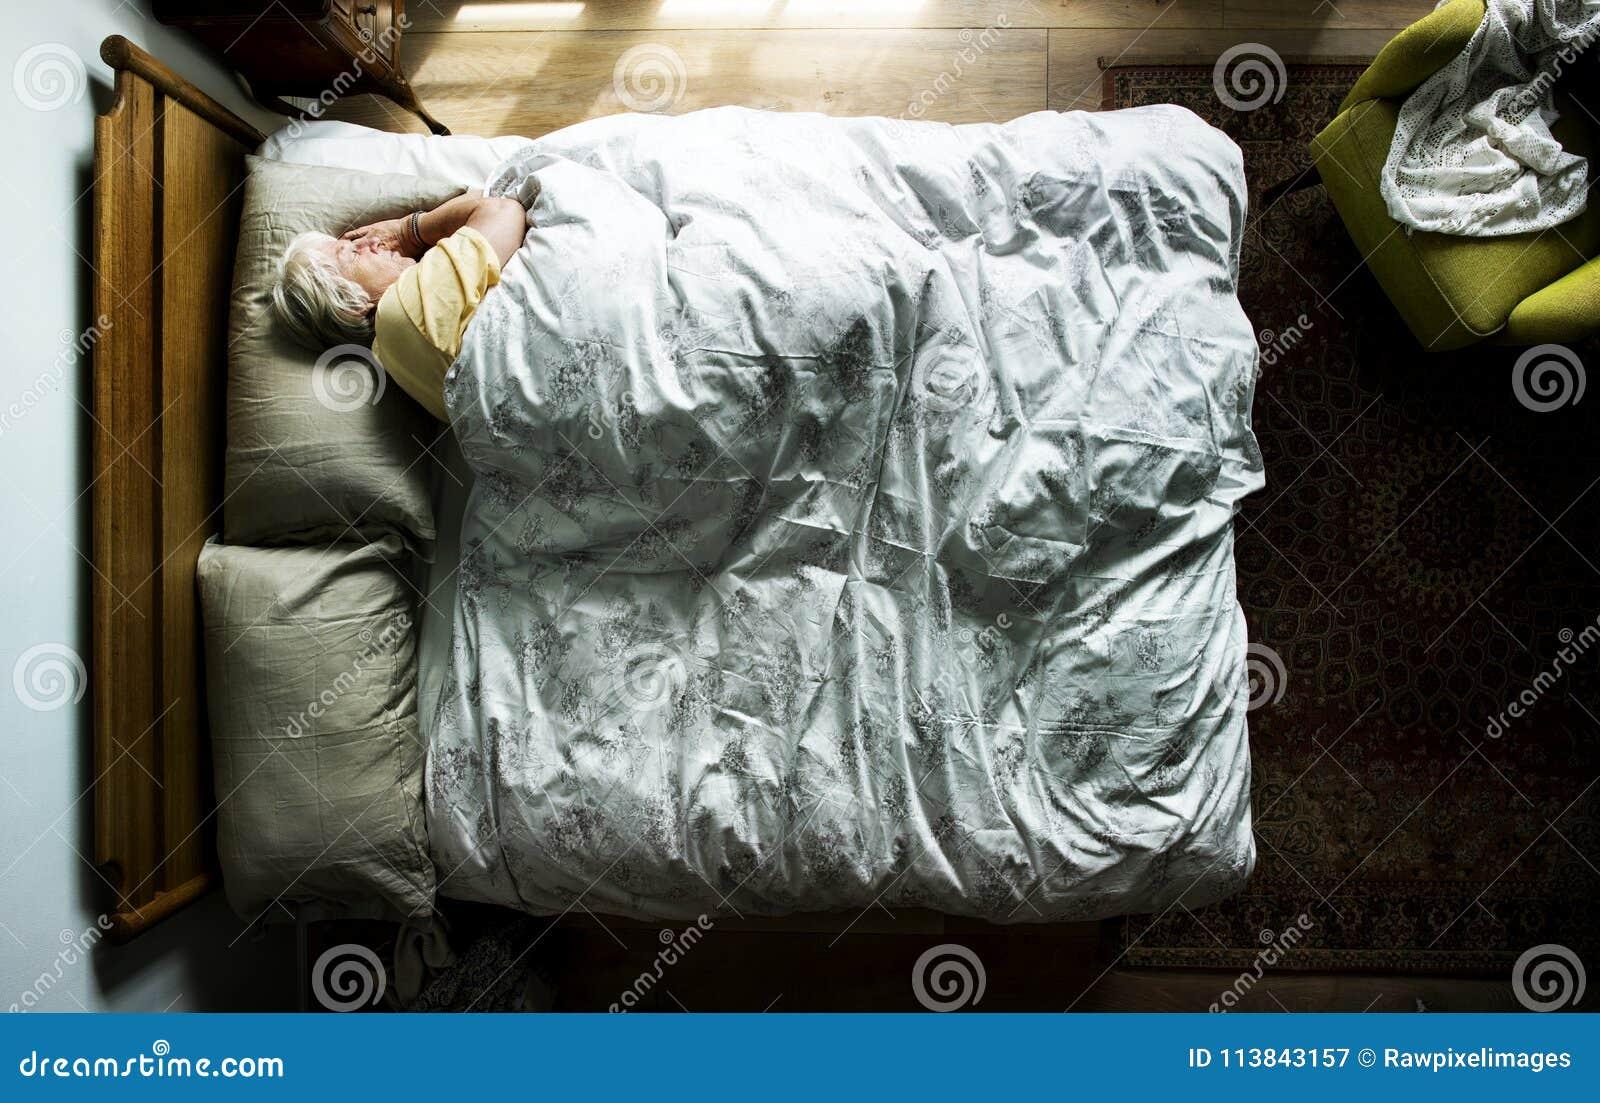 Femme caucasienne pluse âgé dormant sur le lit